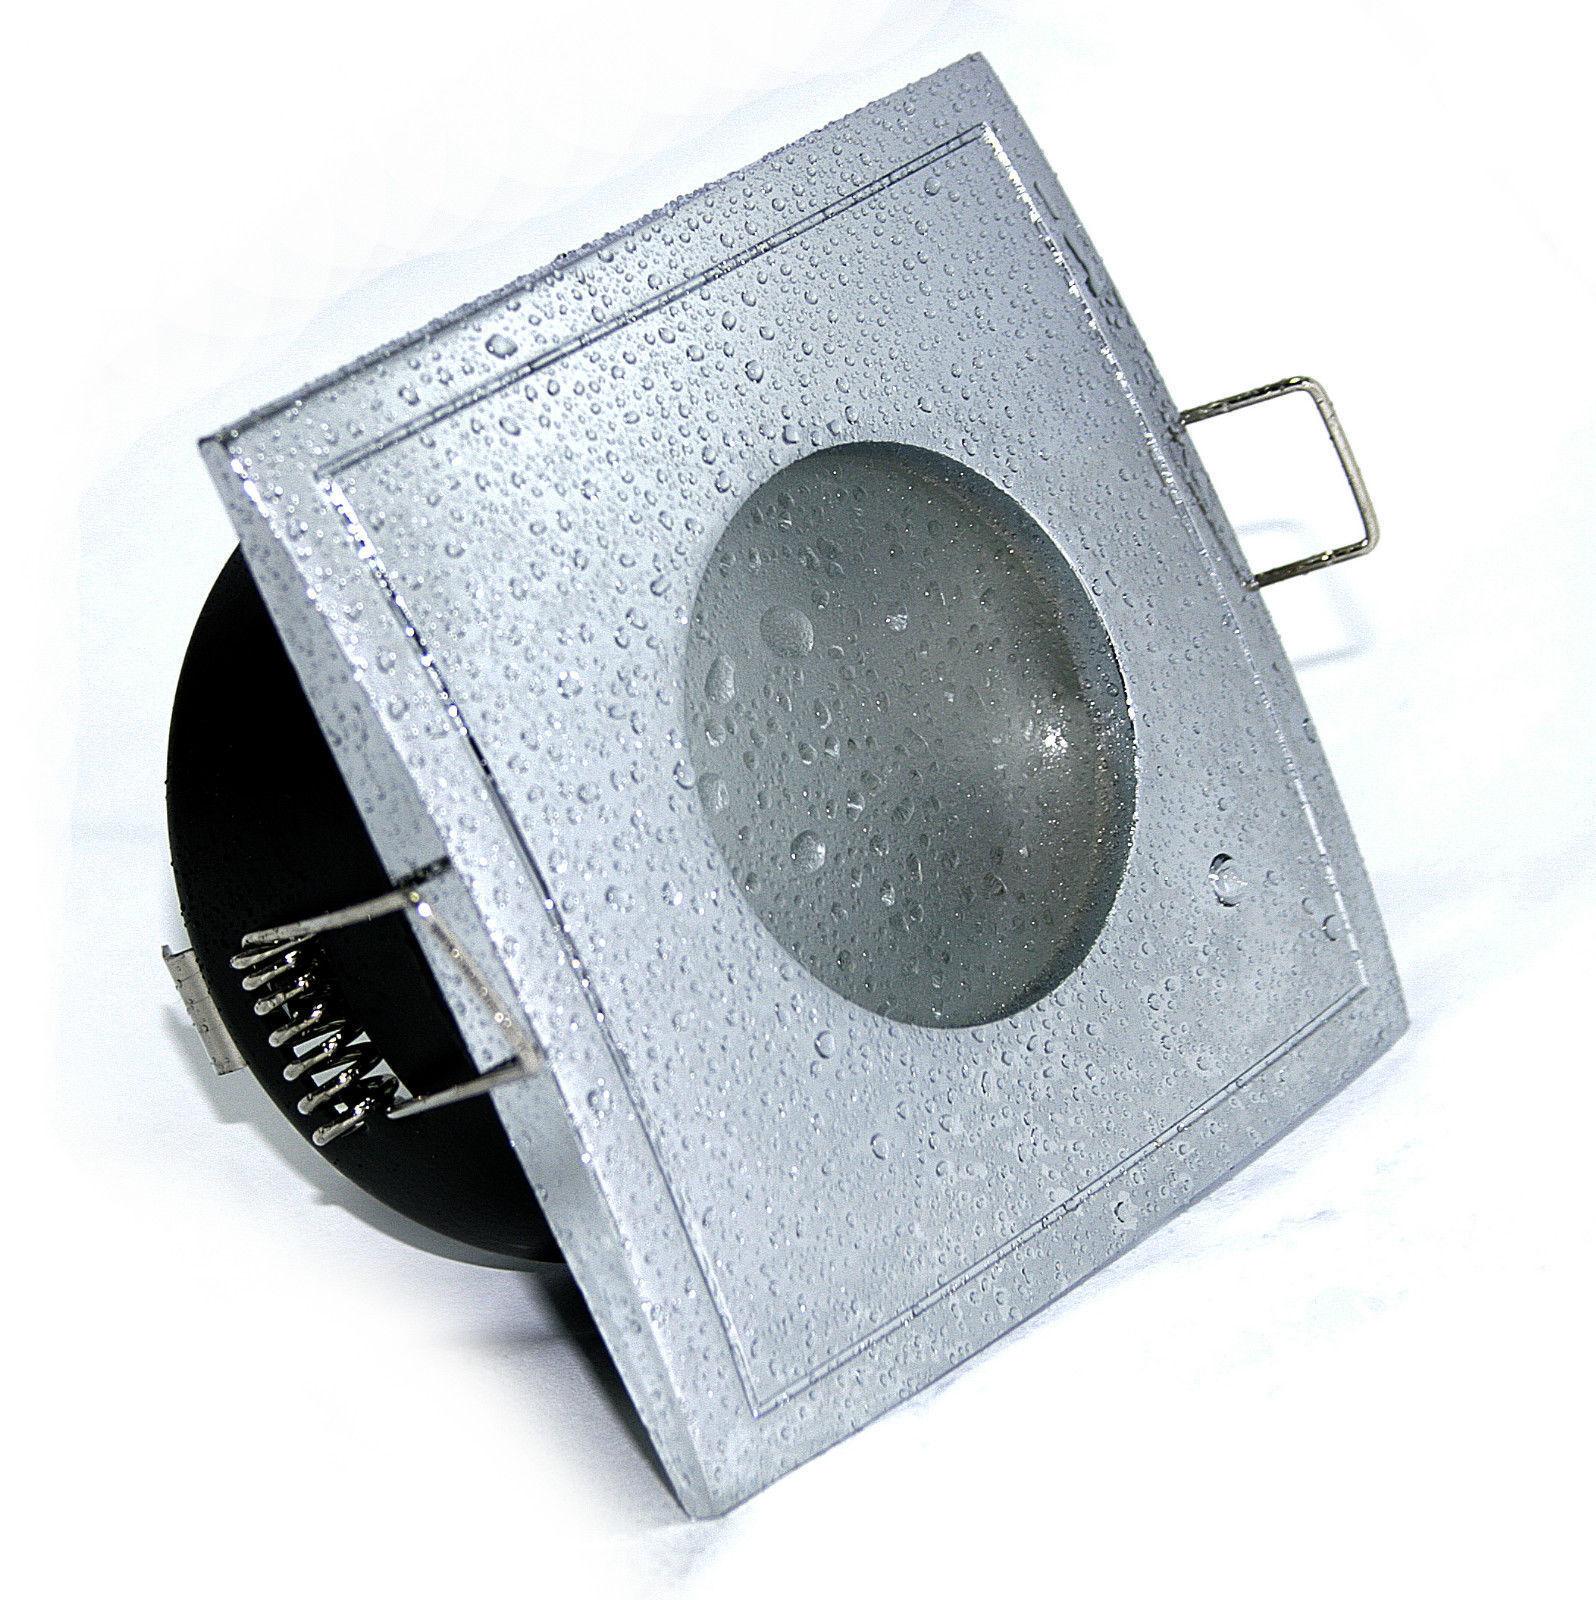 Einbauleuchte Bad Dusche IP65 Feuchtraum 12V / 230 Volt Fassung ohne Leuchmittel